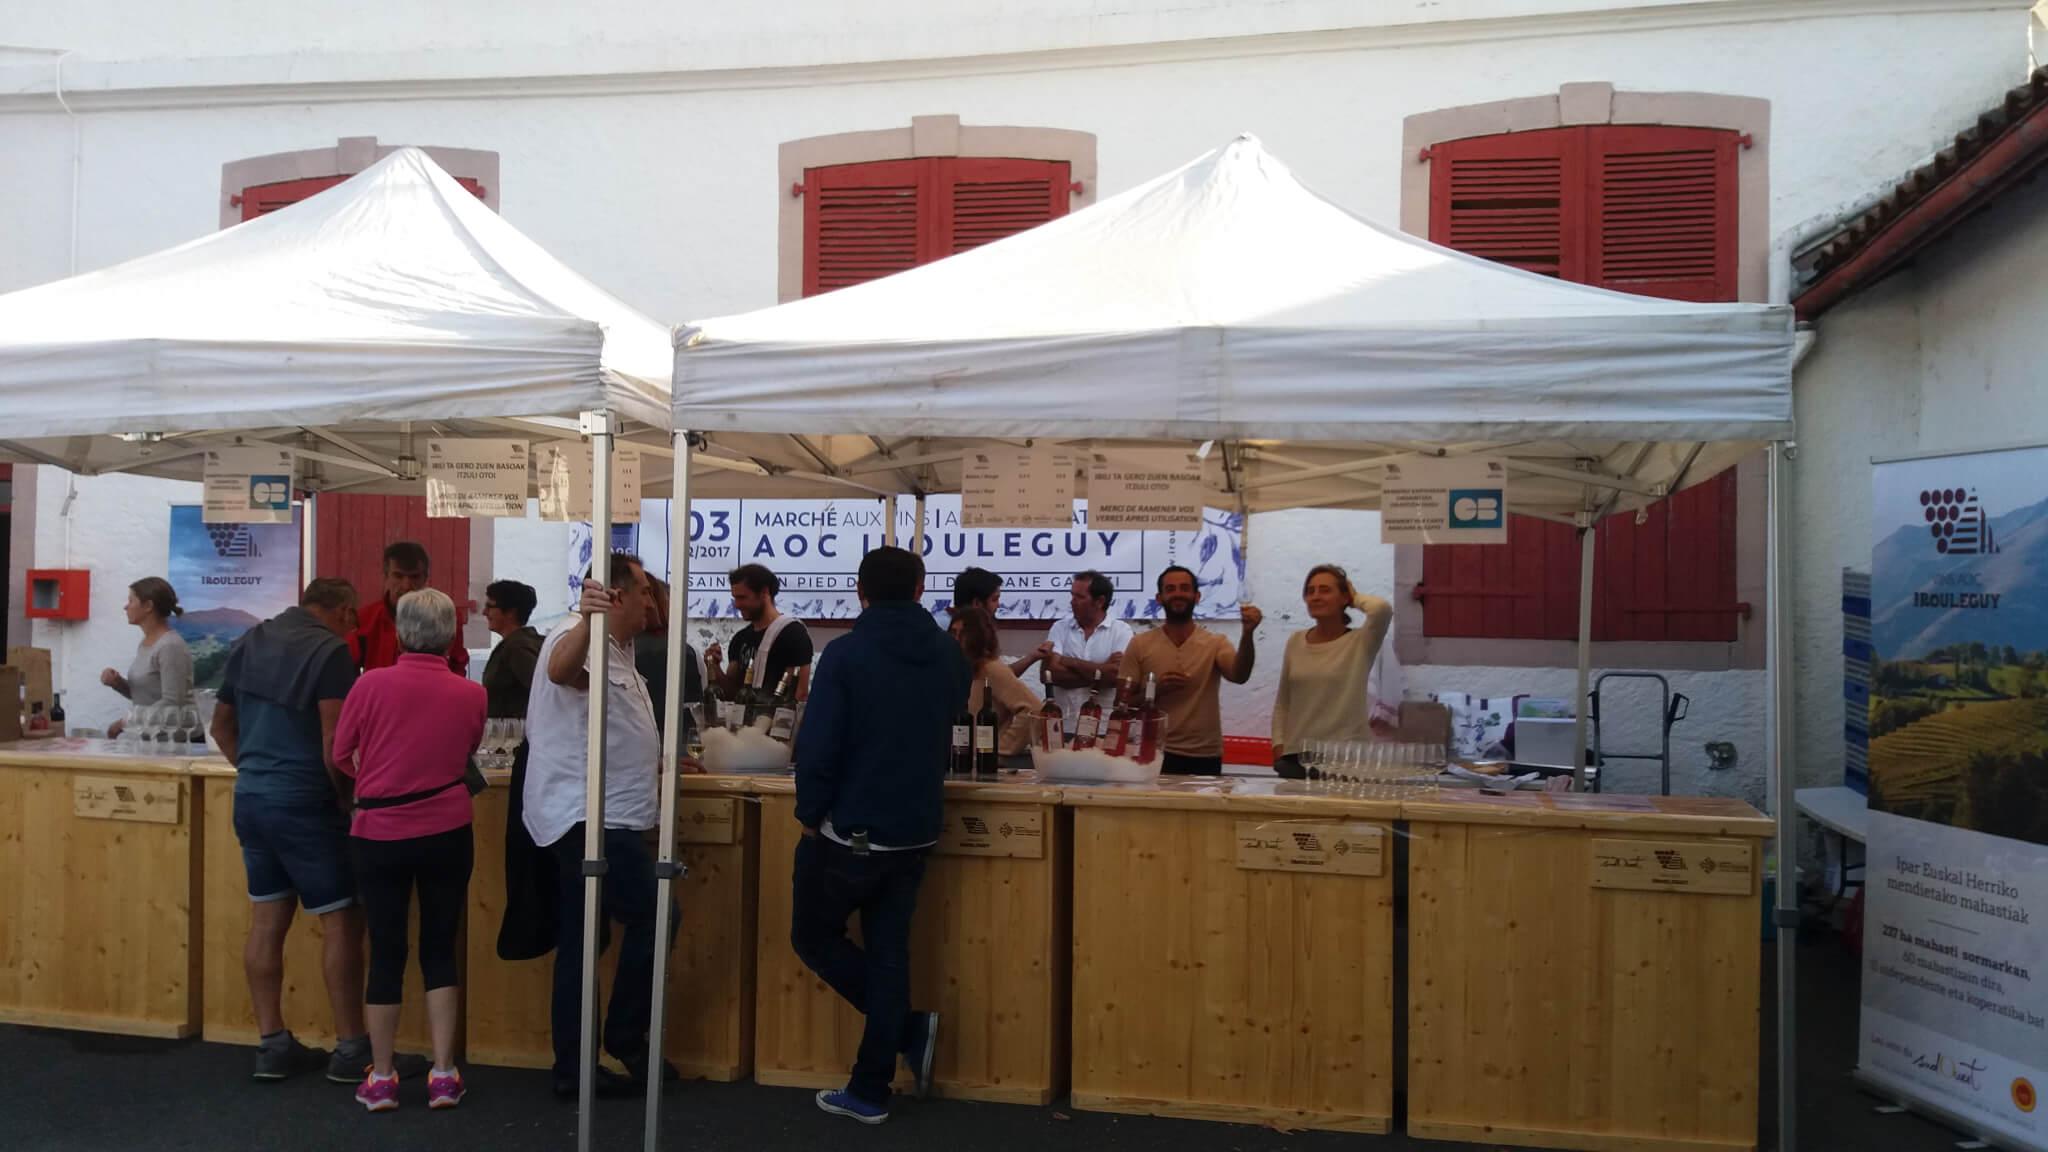 Les vins d'Irouléguy présents à la fête de l'AOC Kintoa